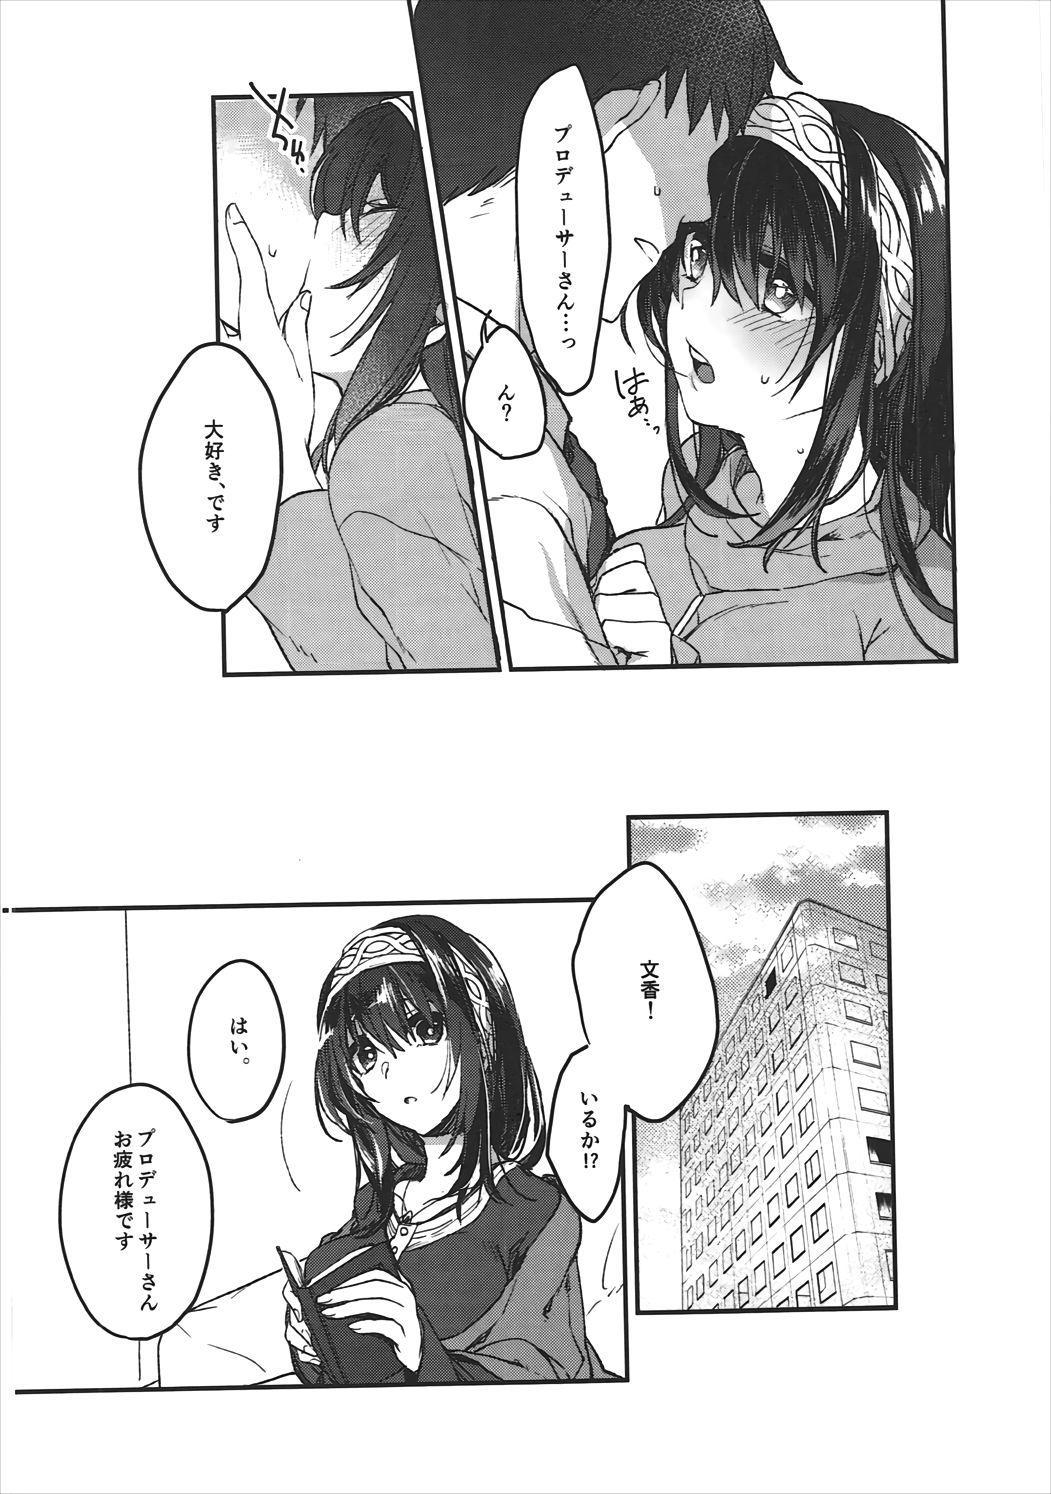 Ginshi no Yuku Saki 10